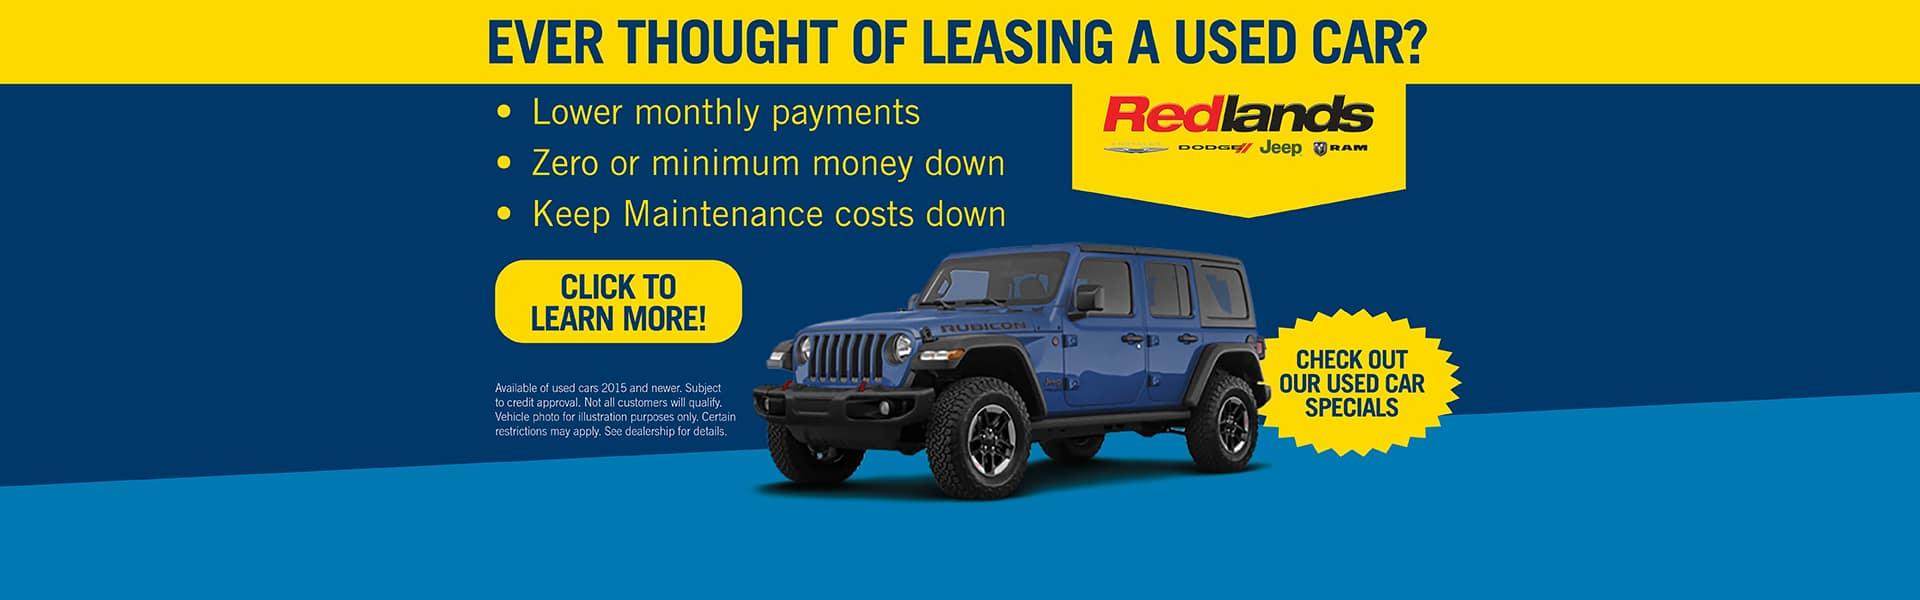 Lease a Used Car | Redlands CDJR